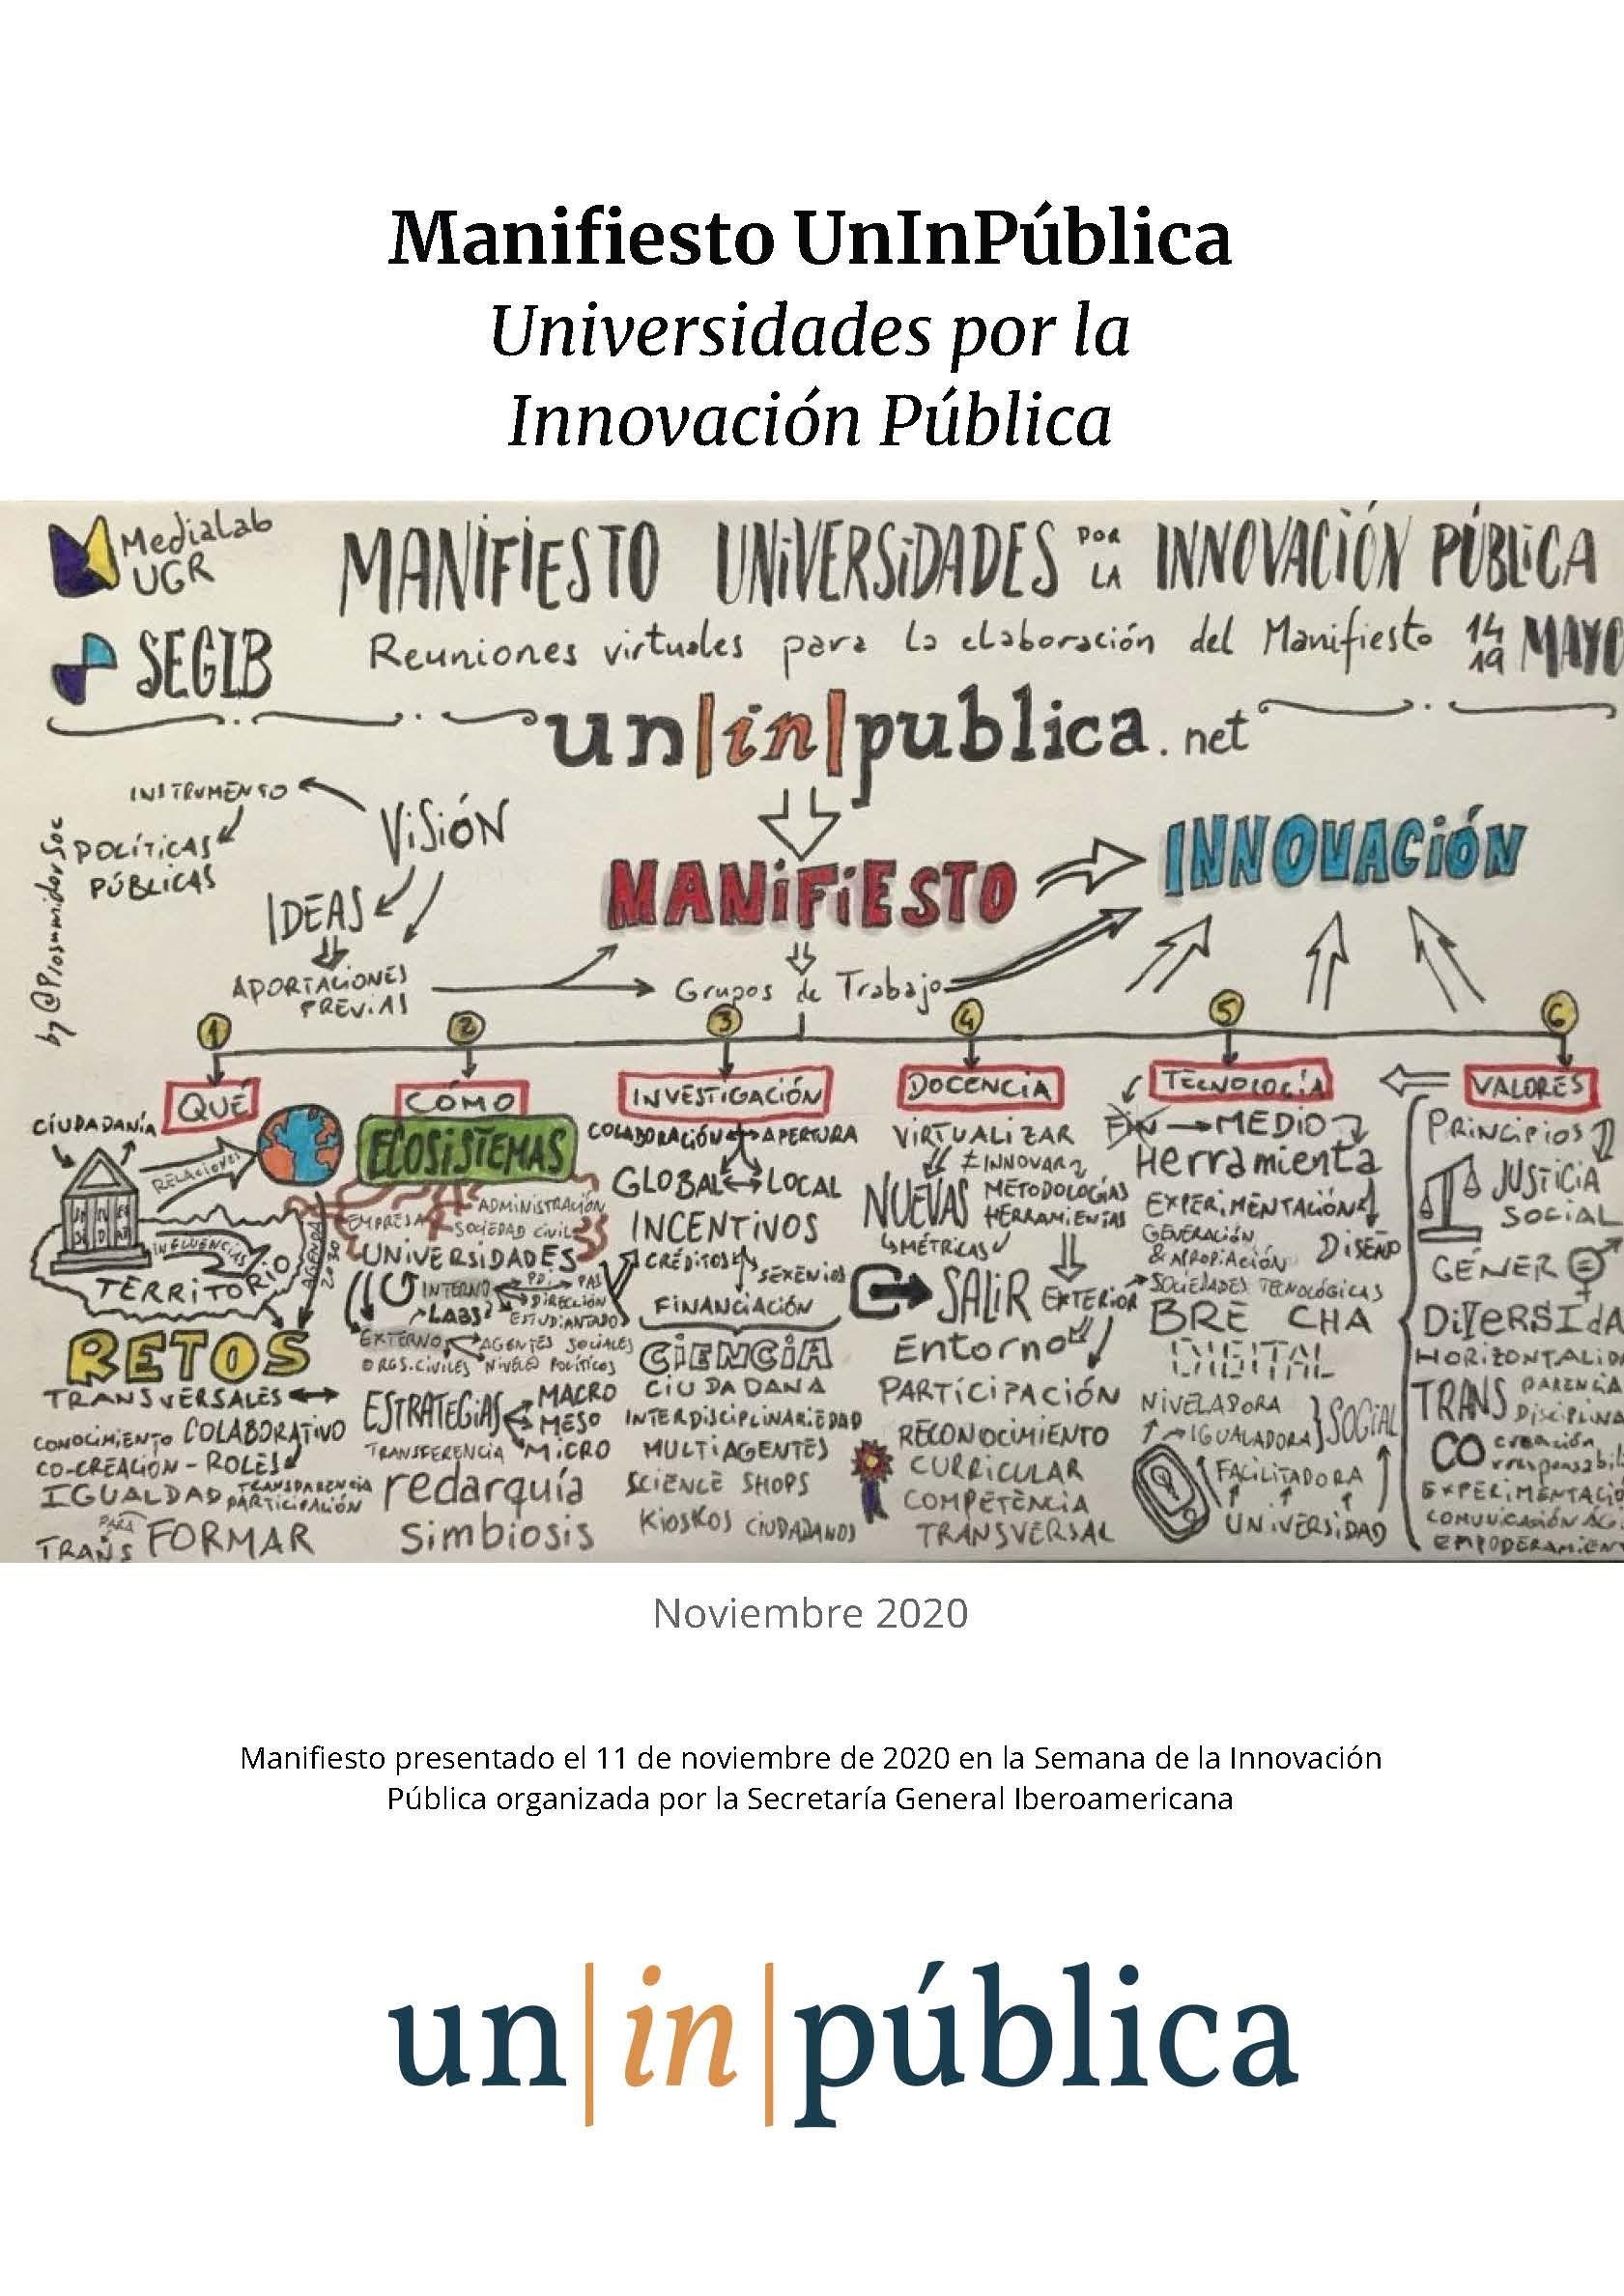 Medialab UGR coordina la redacción y publicación de un Manifiesto de Universidades por la Innovación Pública